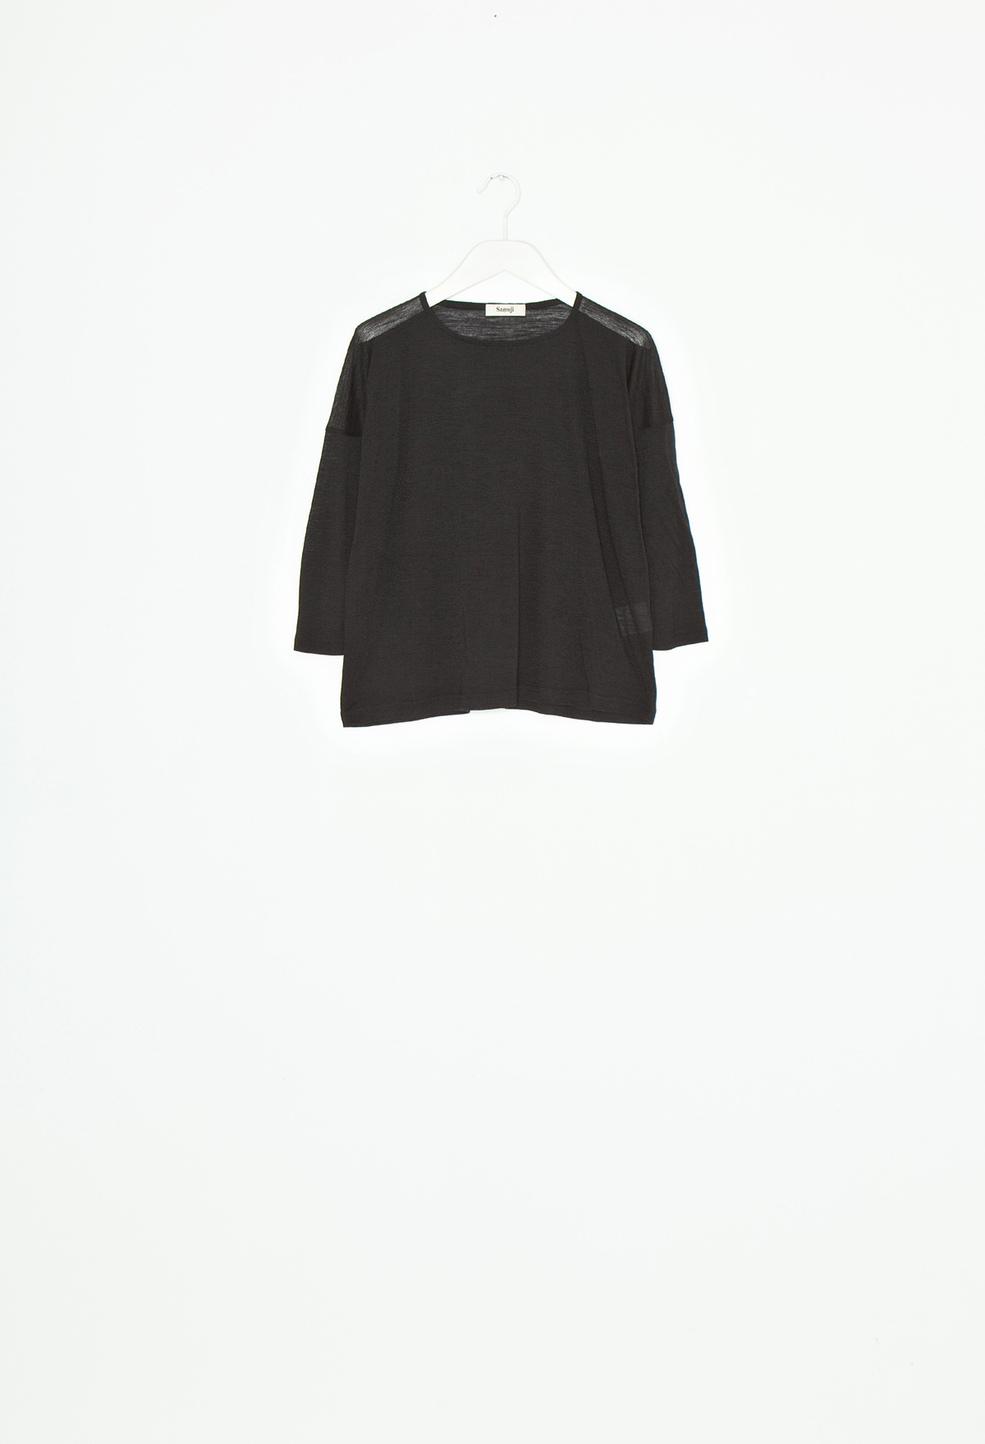 Del Shirt